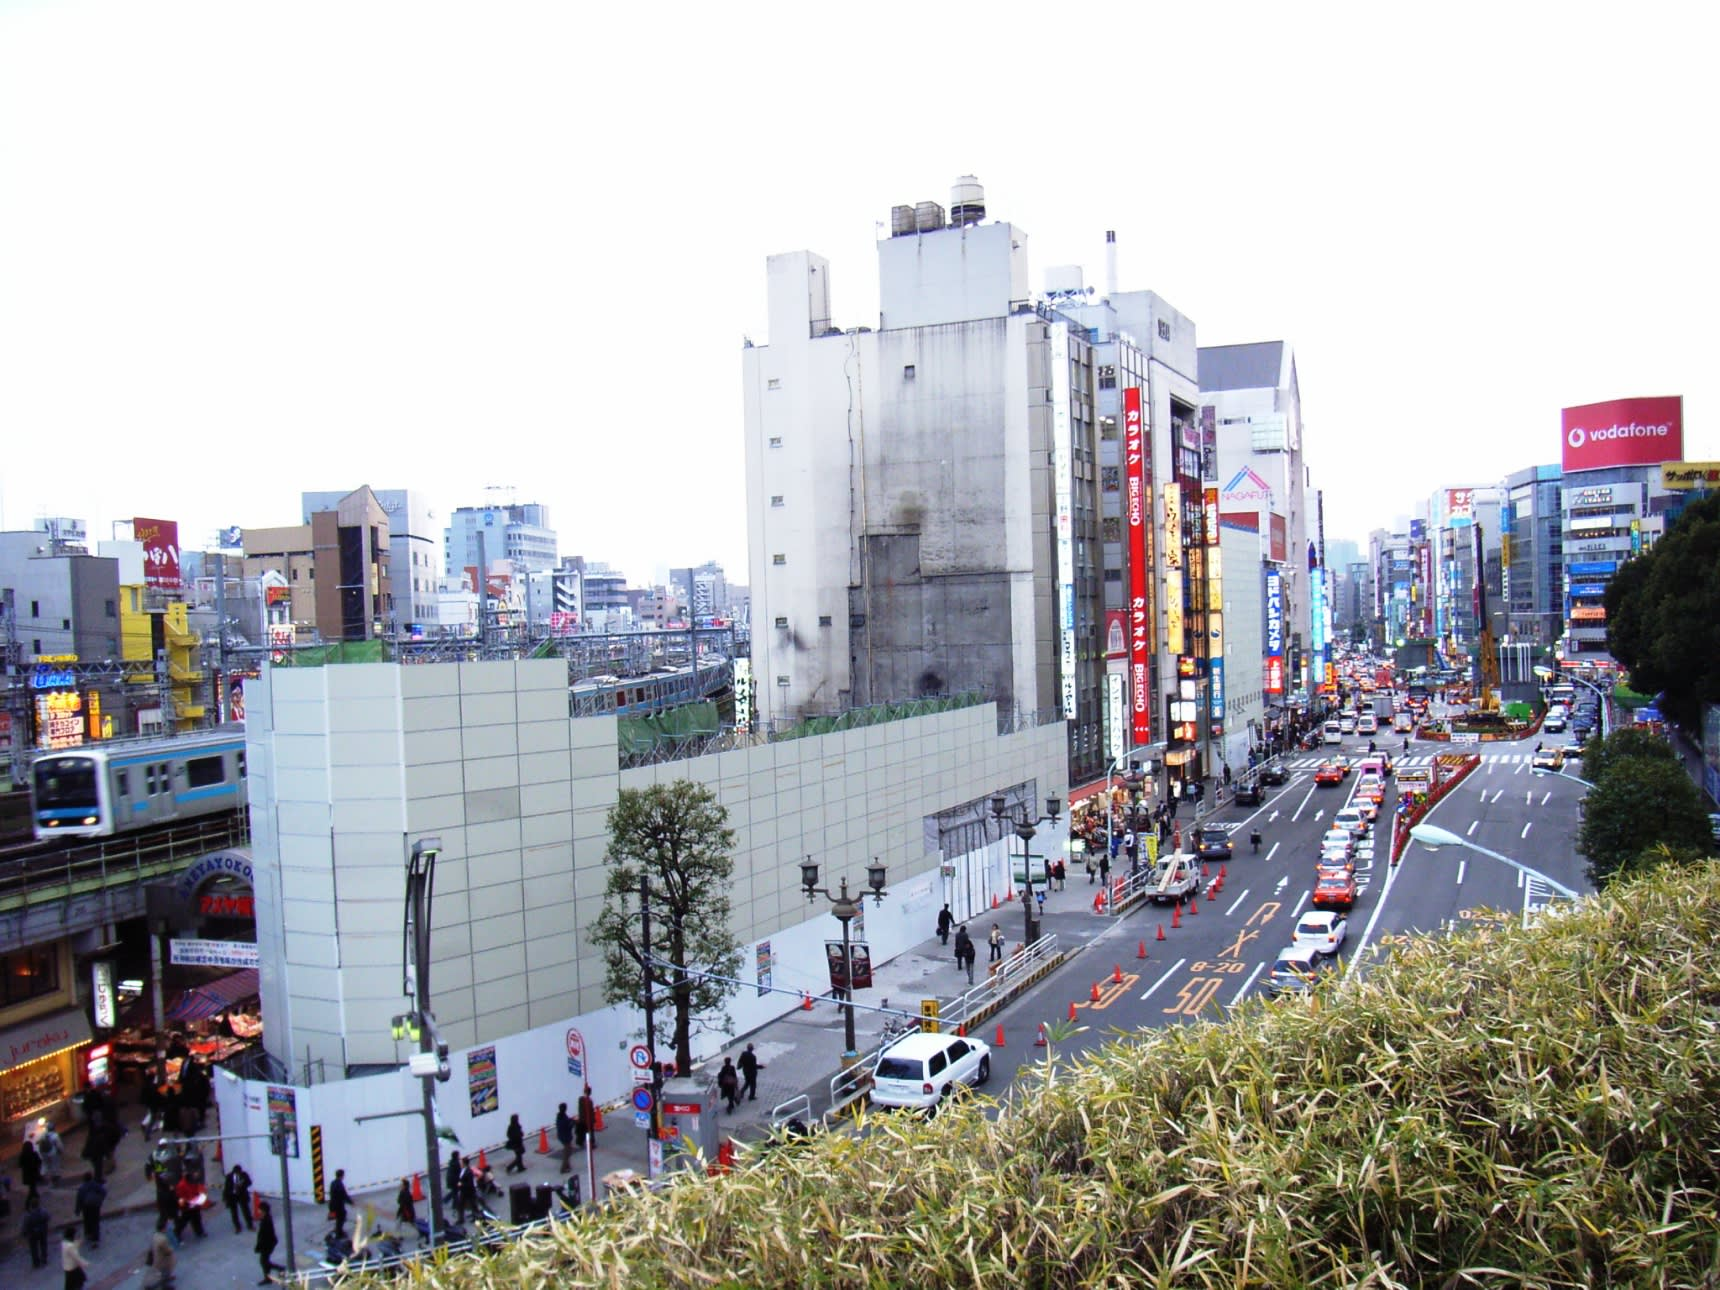 上野公園見聞10 ああ、夕暮れの上野駅 - Discover the 「風雅のブリキ缶」 written by tonkyu